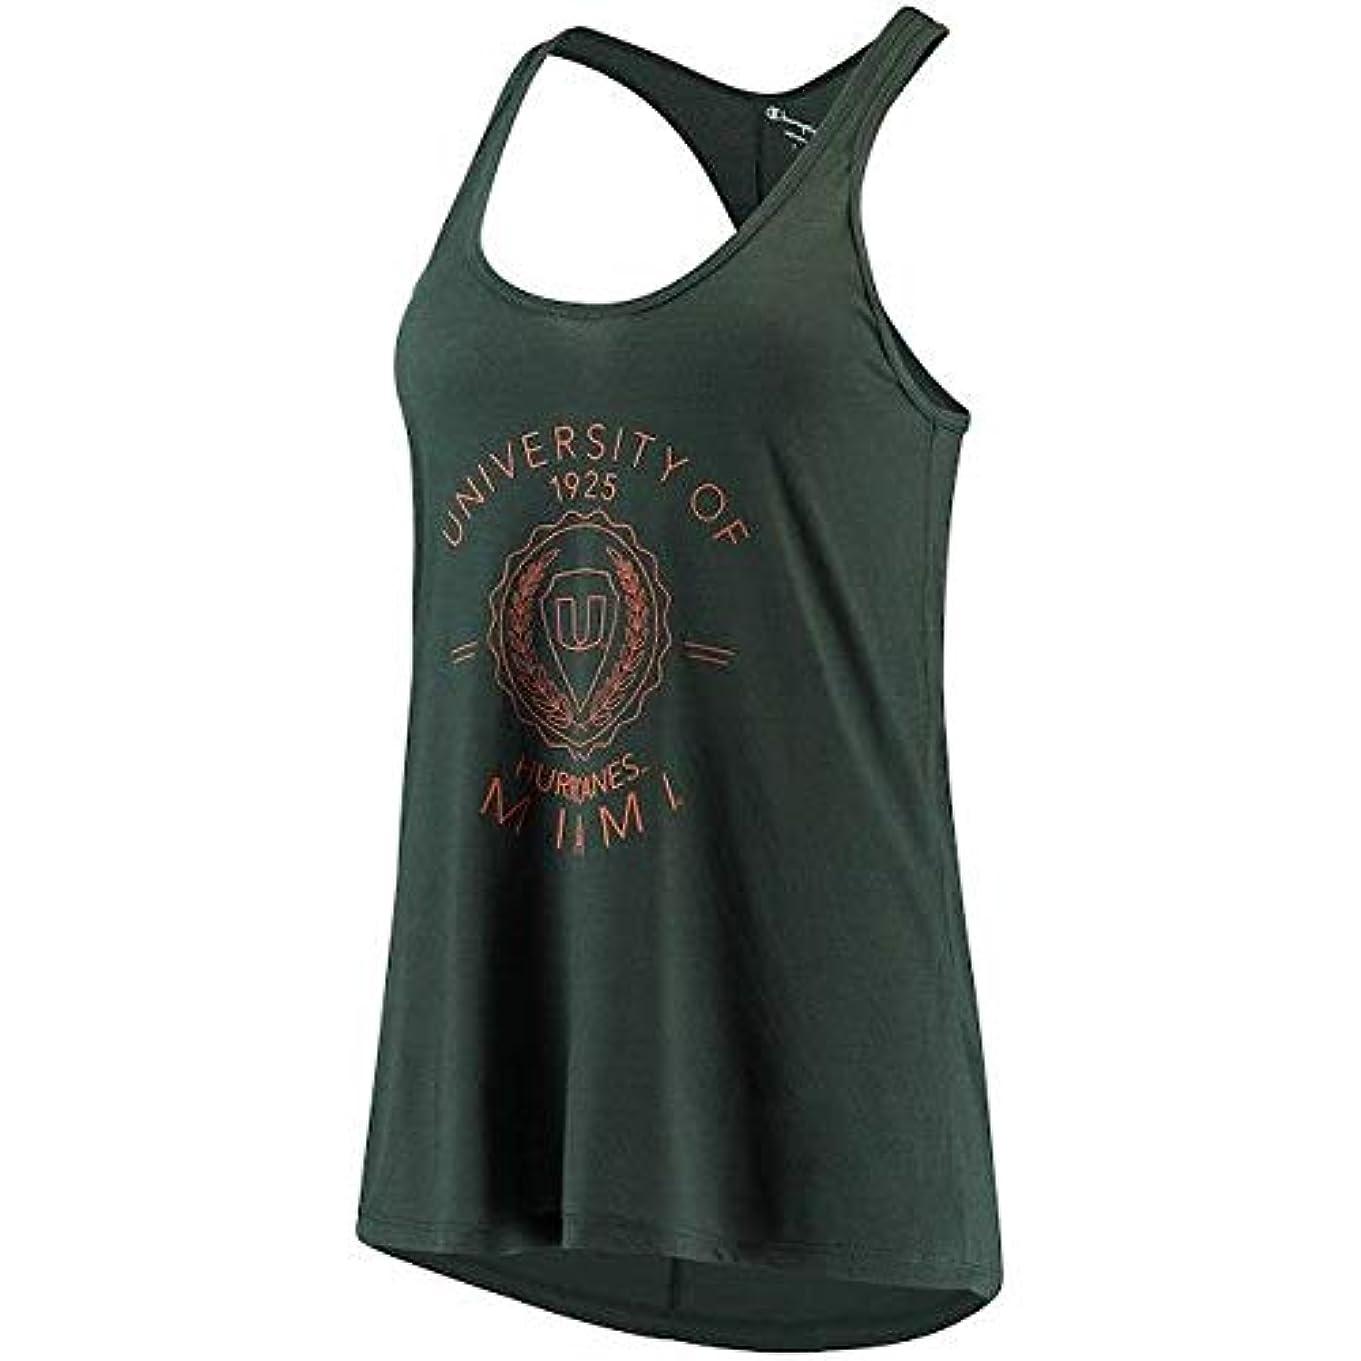 移行する最適コミュニケーションChampion Champion Miami Hurricanes Women's Hunter Green Eco Swing Tank Top スポーツ用品 【並行輸入品】